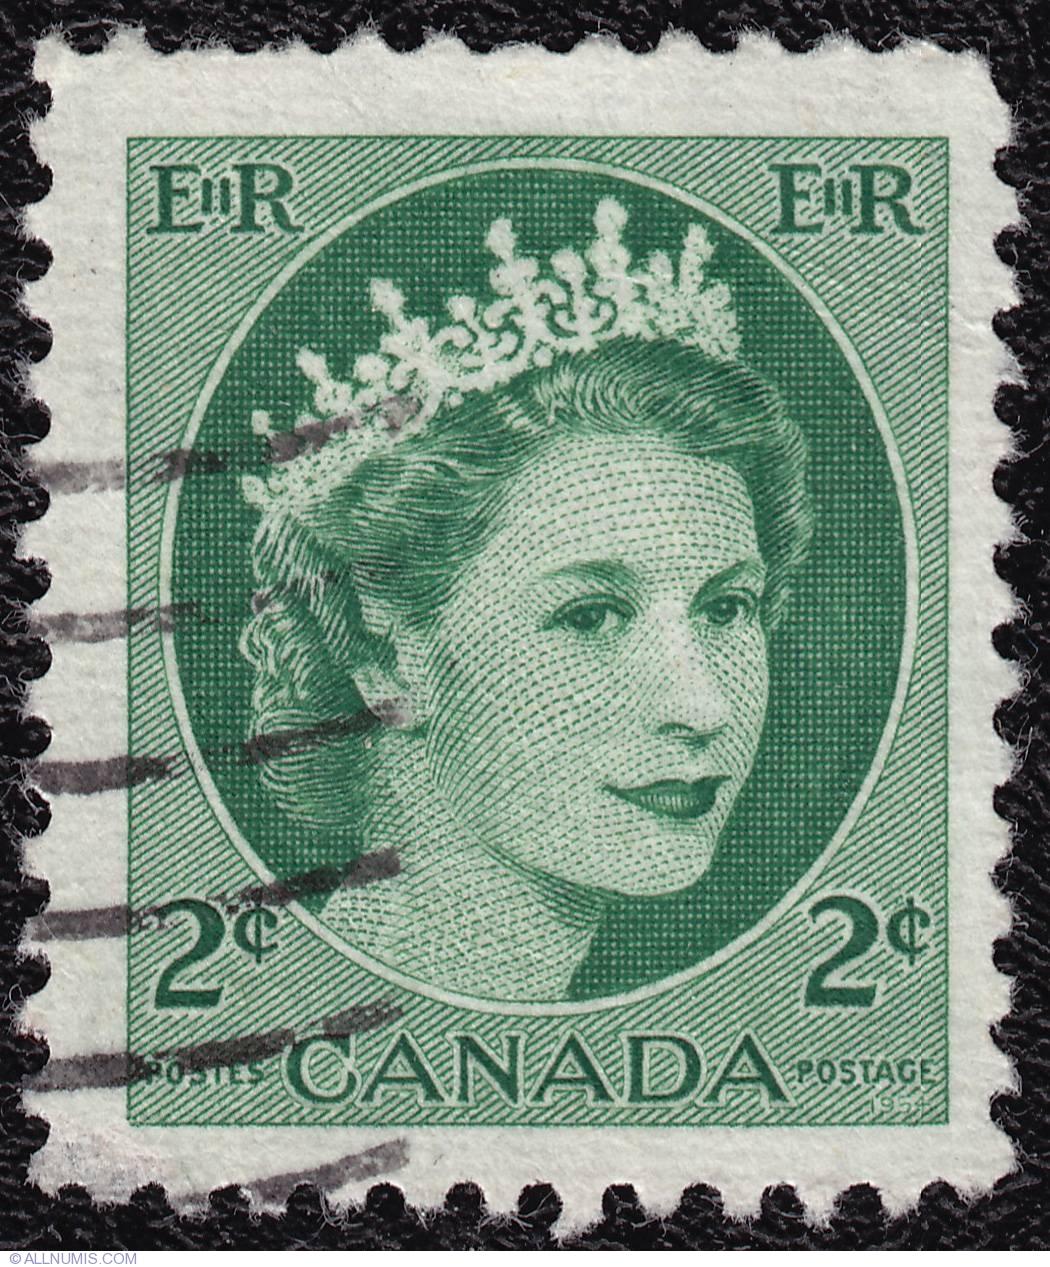 2 Elizabeth II 1954